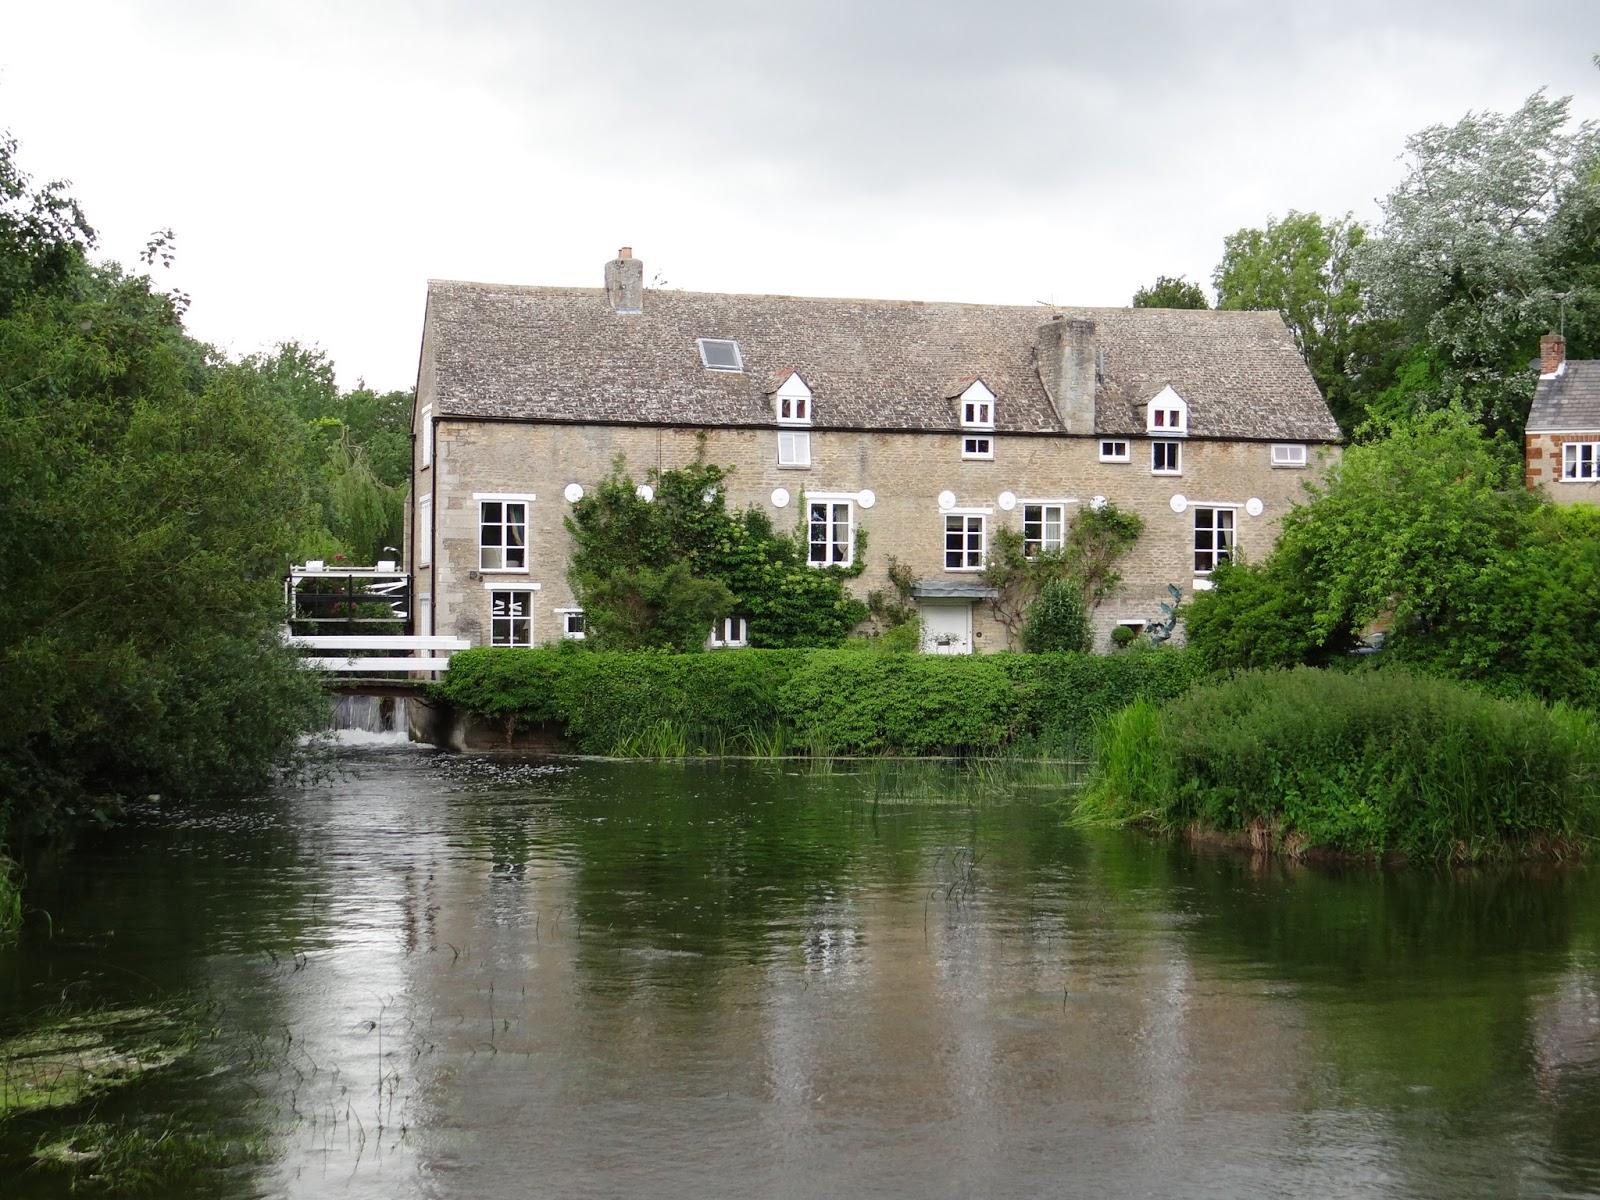 Wadenhoe Mill